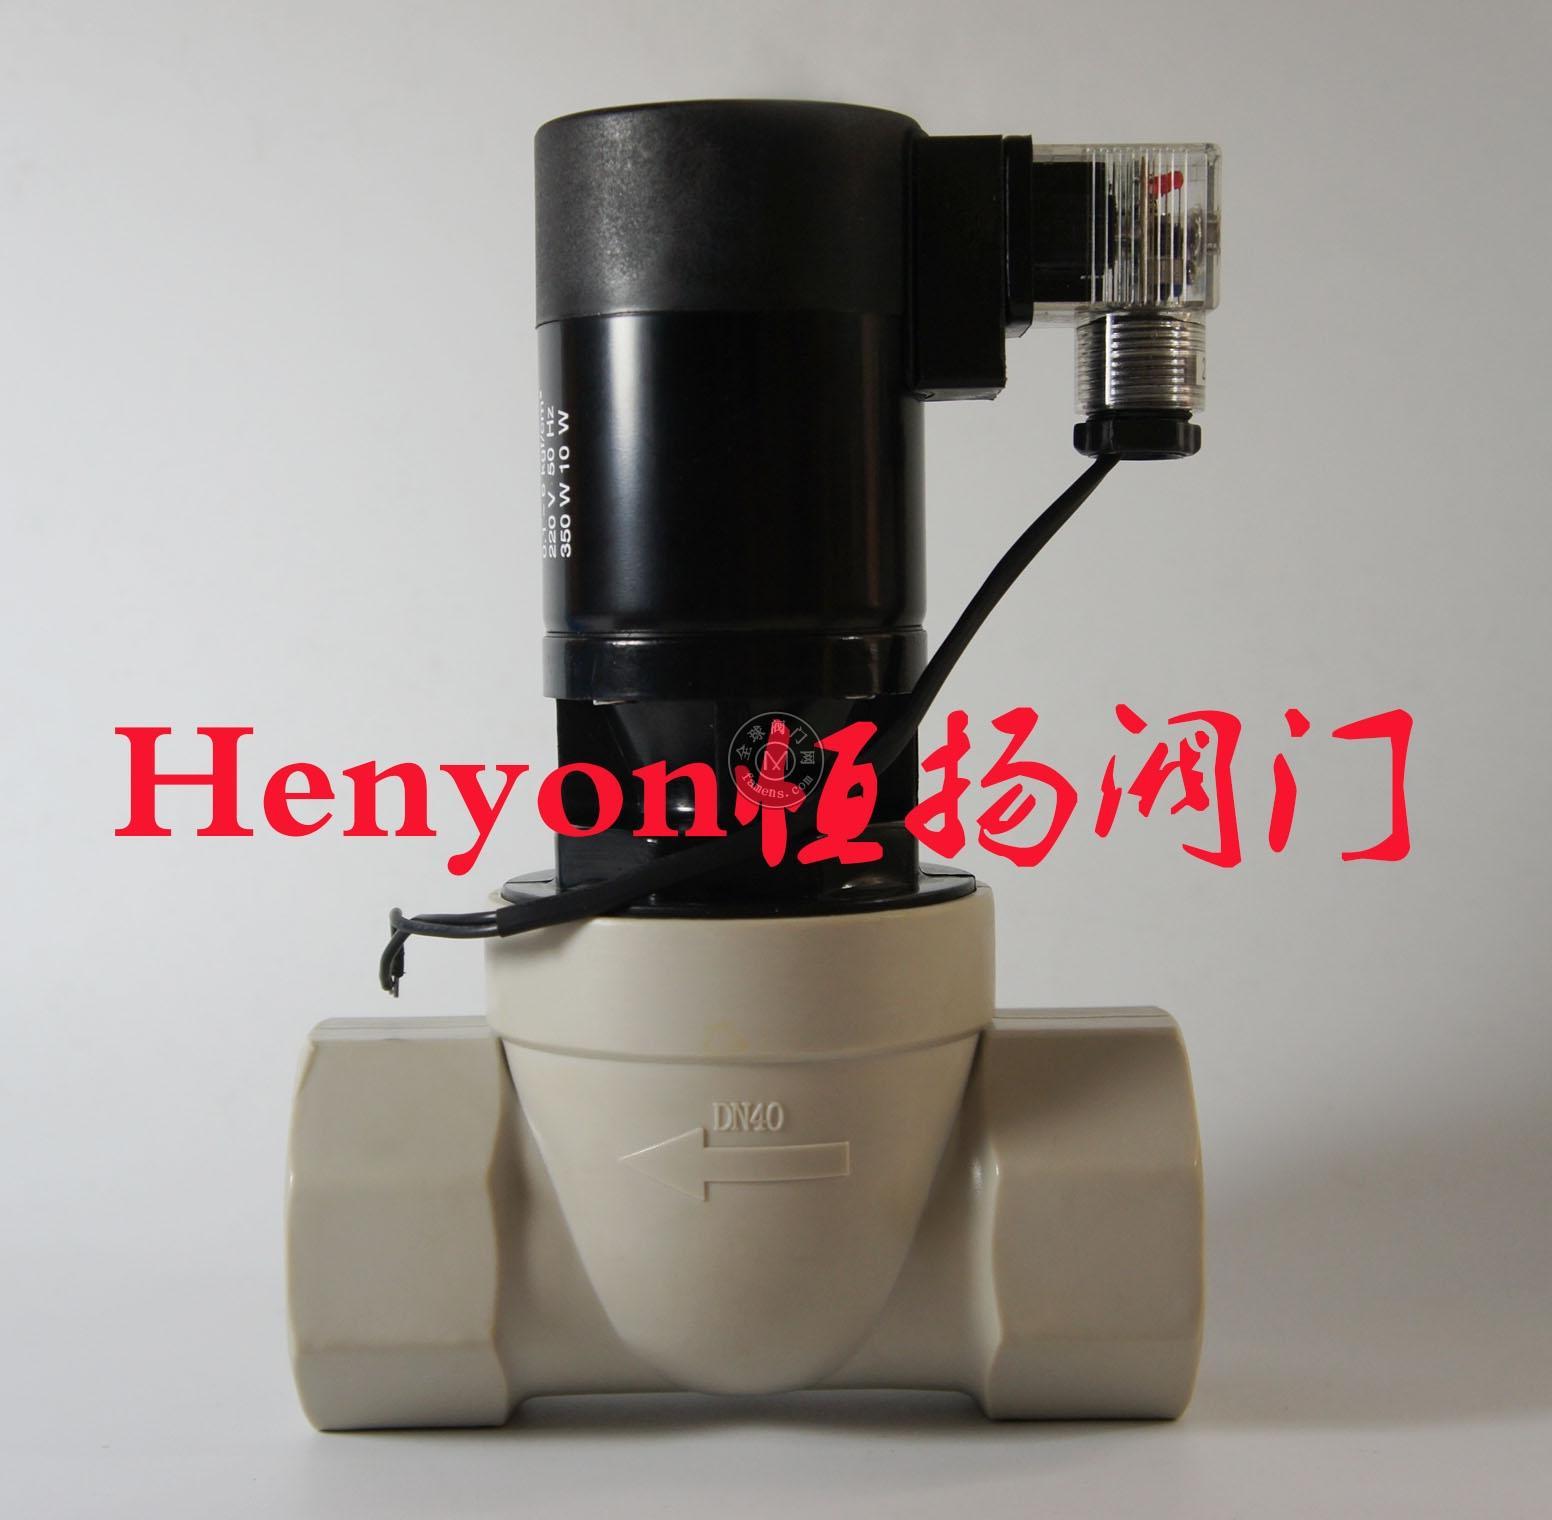 henyon恒扬DN32 废水电磁阀HYZF1-32弱酸碱电磁阀 耐腐蚀电磁阀 酸碱电磁阀